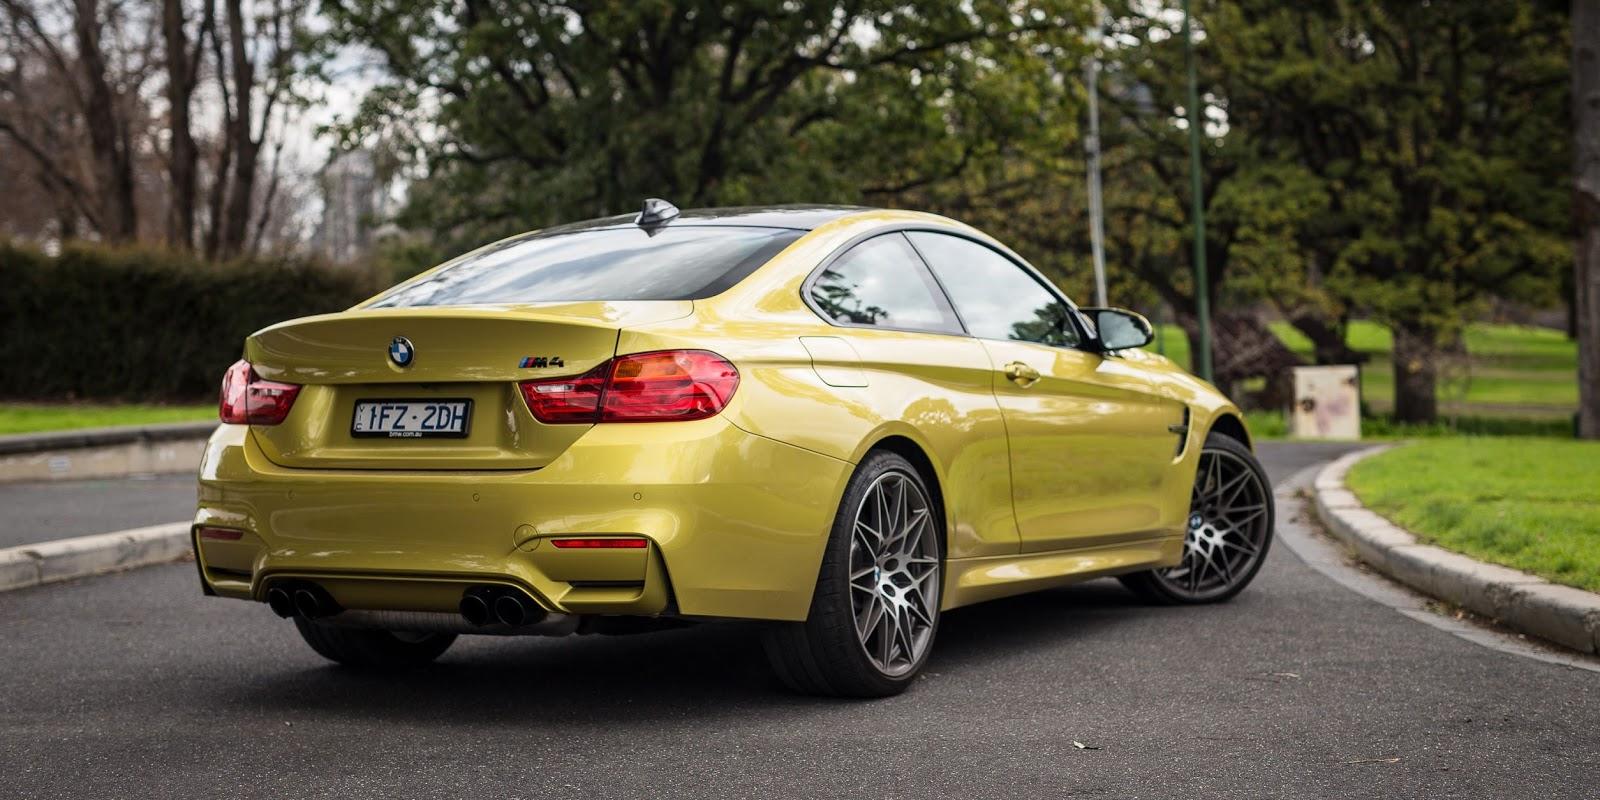 Để nhận biết những chiếc BMW từ xa, thông qua ống xả, tiếng gầm là dễ nhất